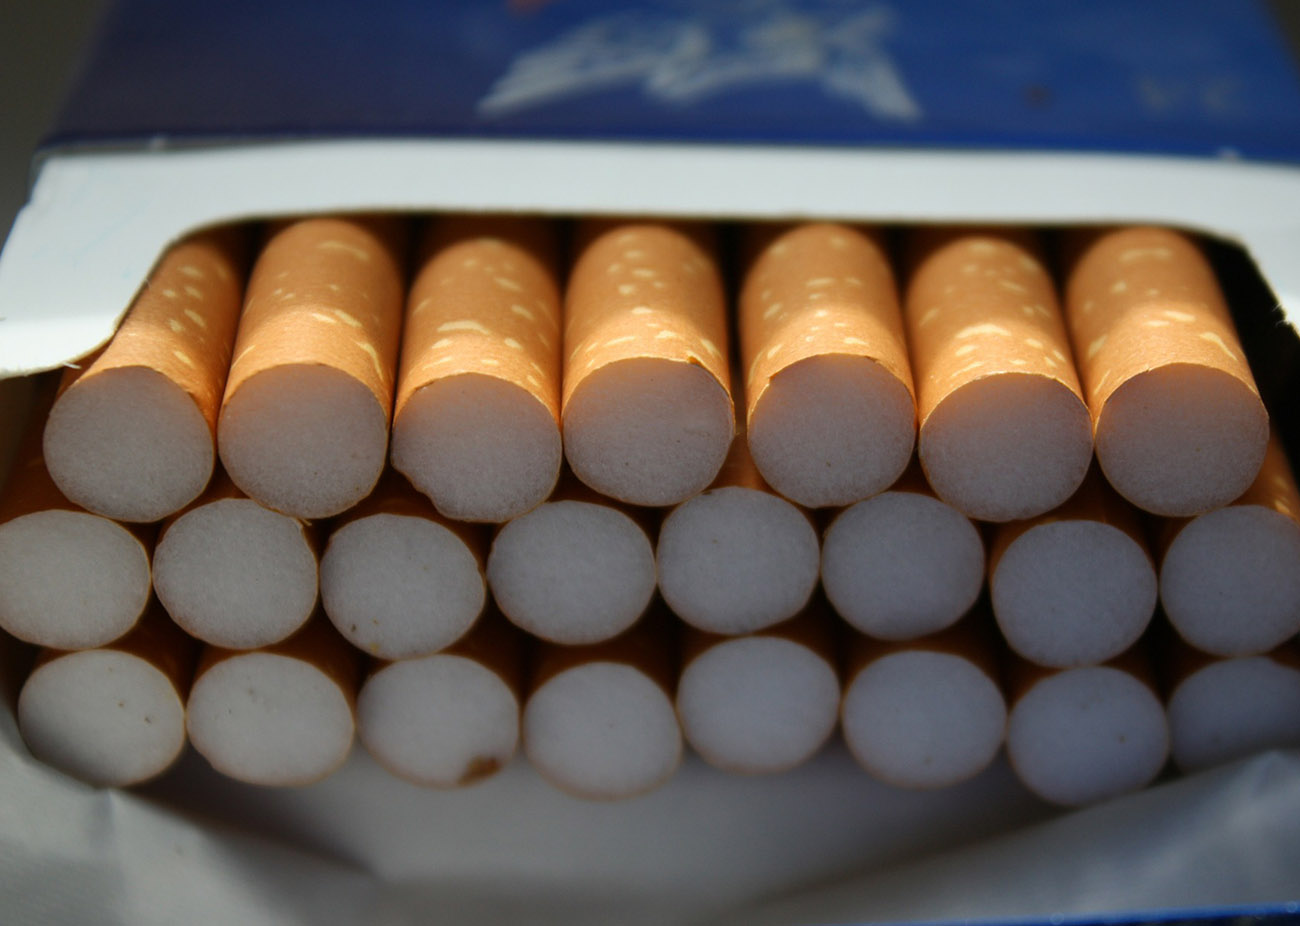 Diez países impulsan el etiquetado genérico para los paquetes de cigarrillos